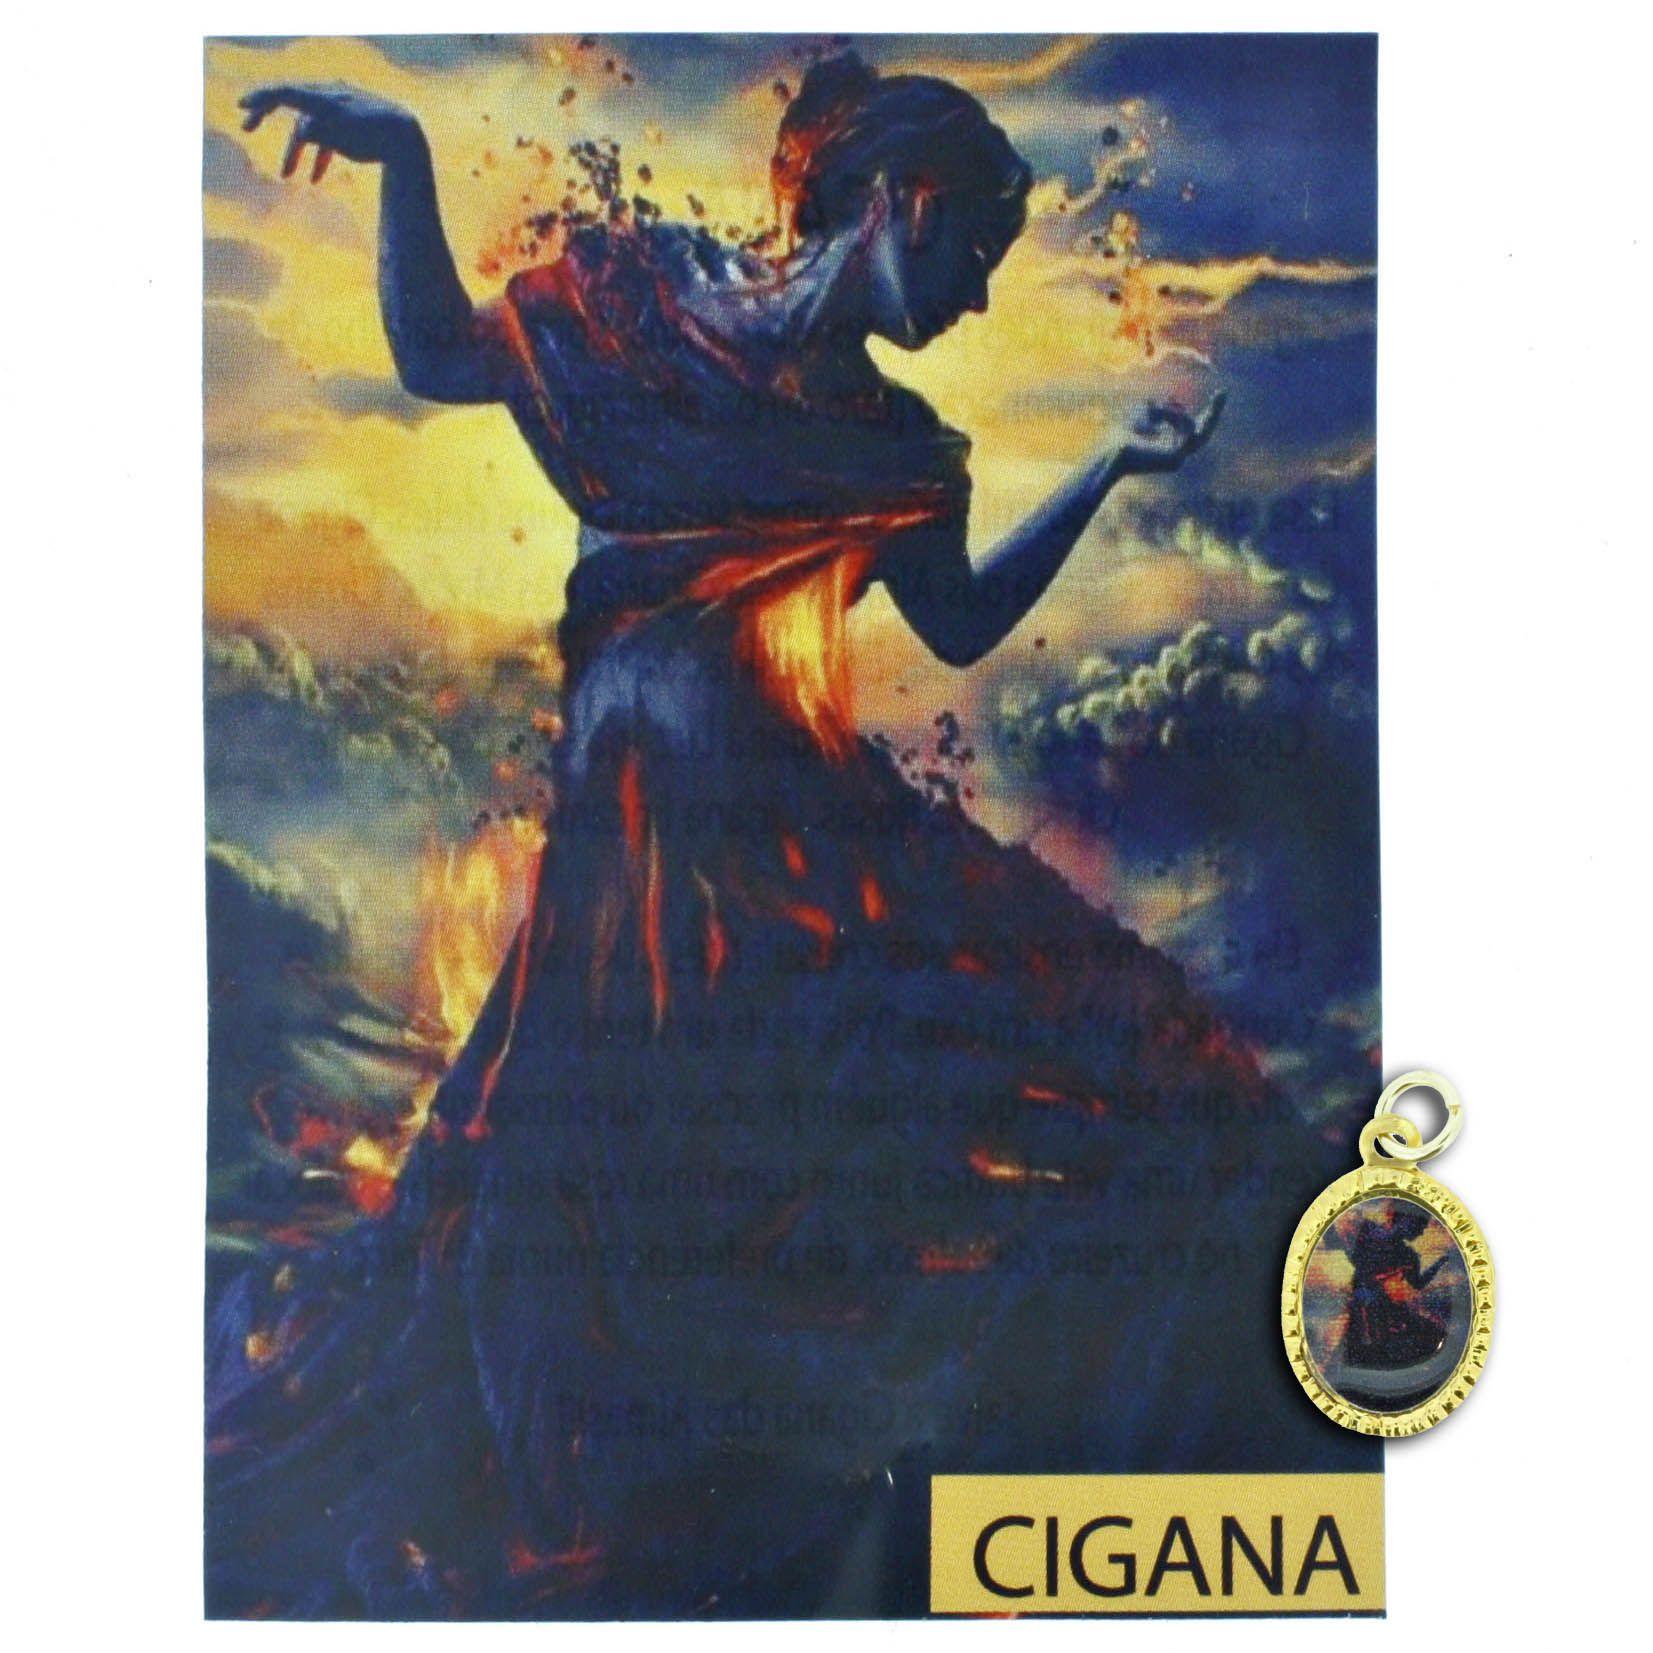 Medalha Cigana + Folheto  - Universo Religioso® - Artigos de Umbanda e Candomblé